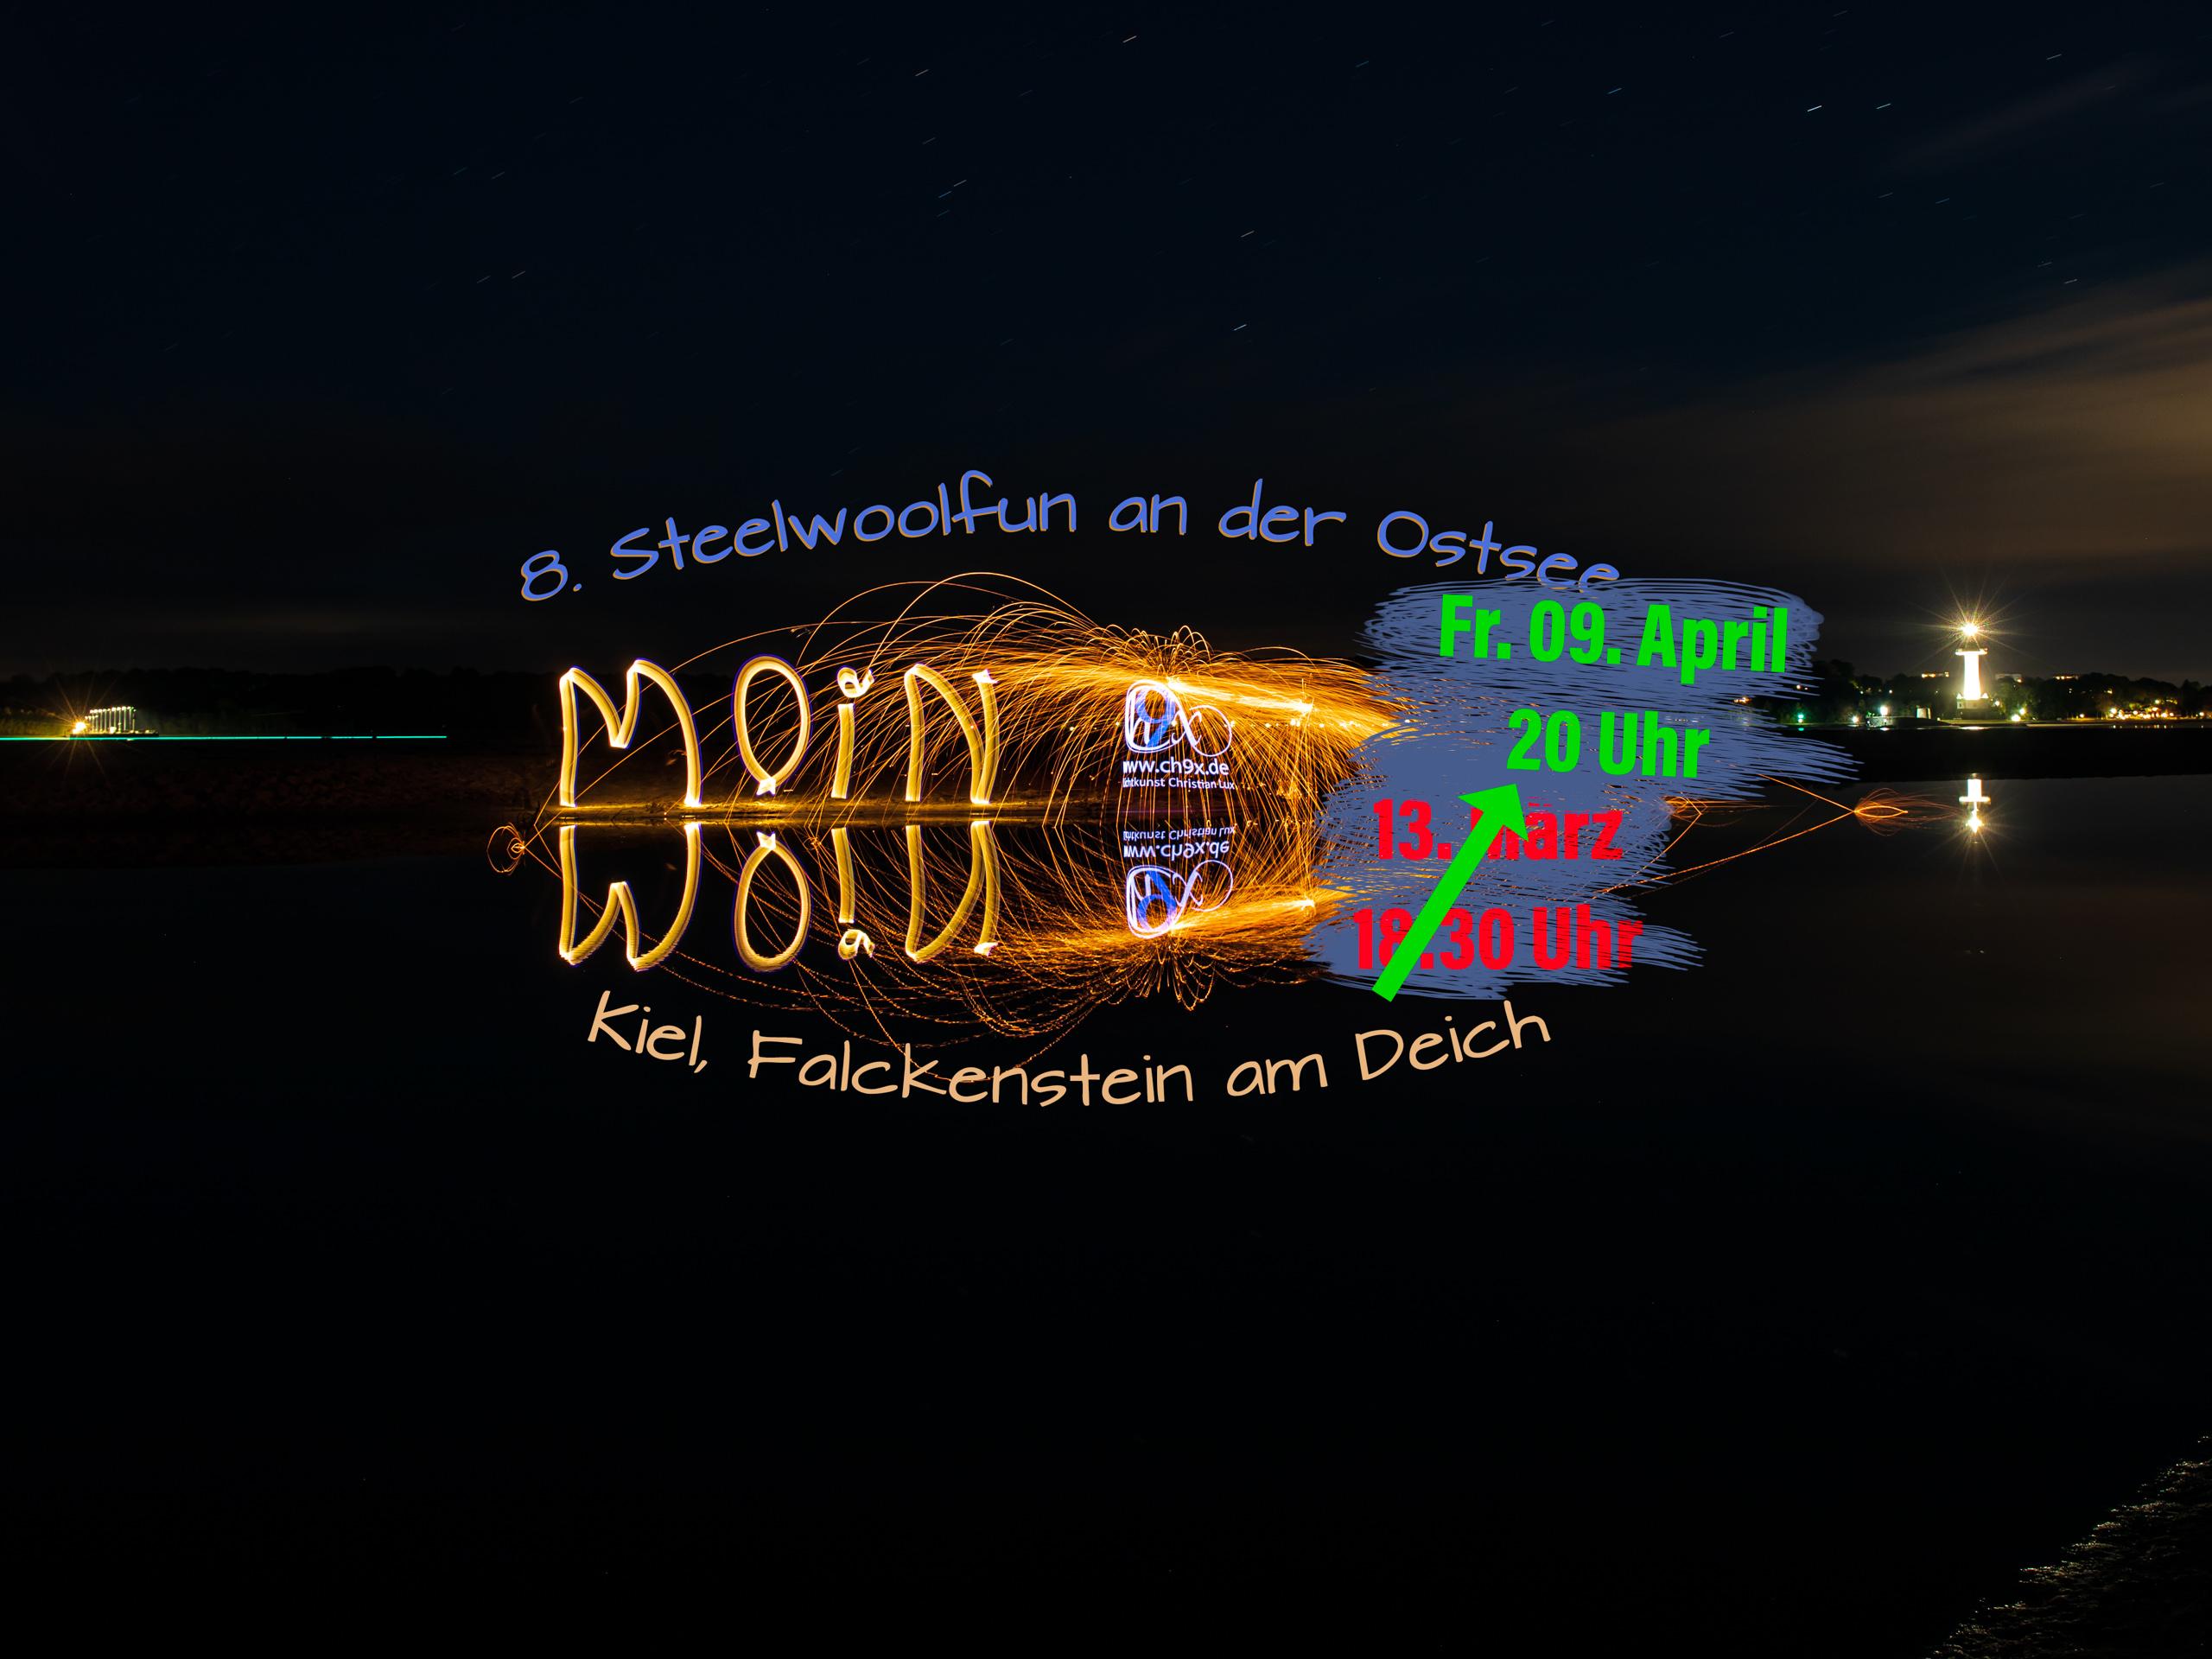 8. Steelwoolfun an der Ostsee – Verschoben